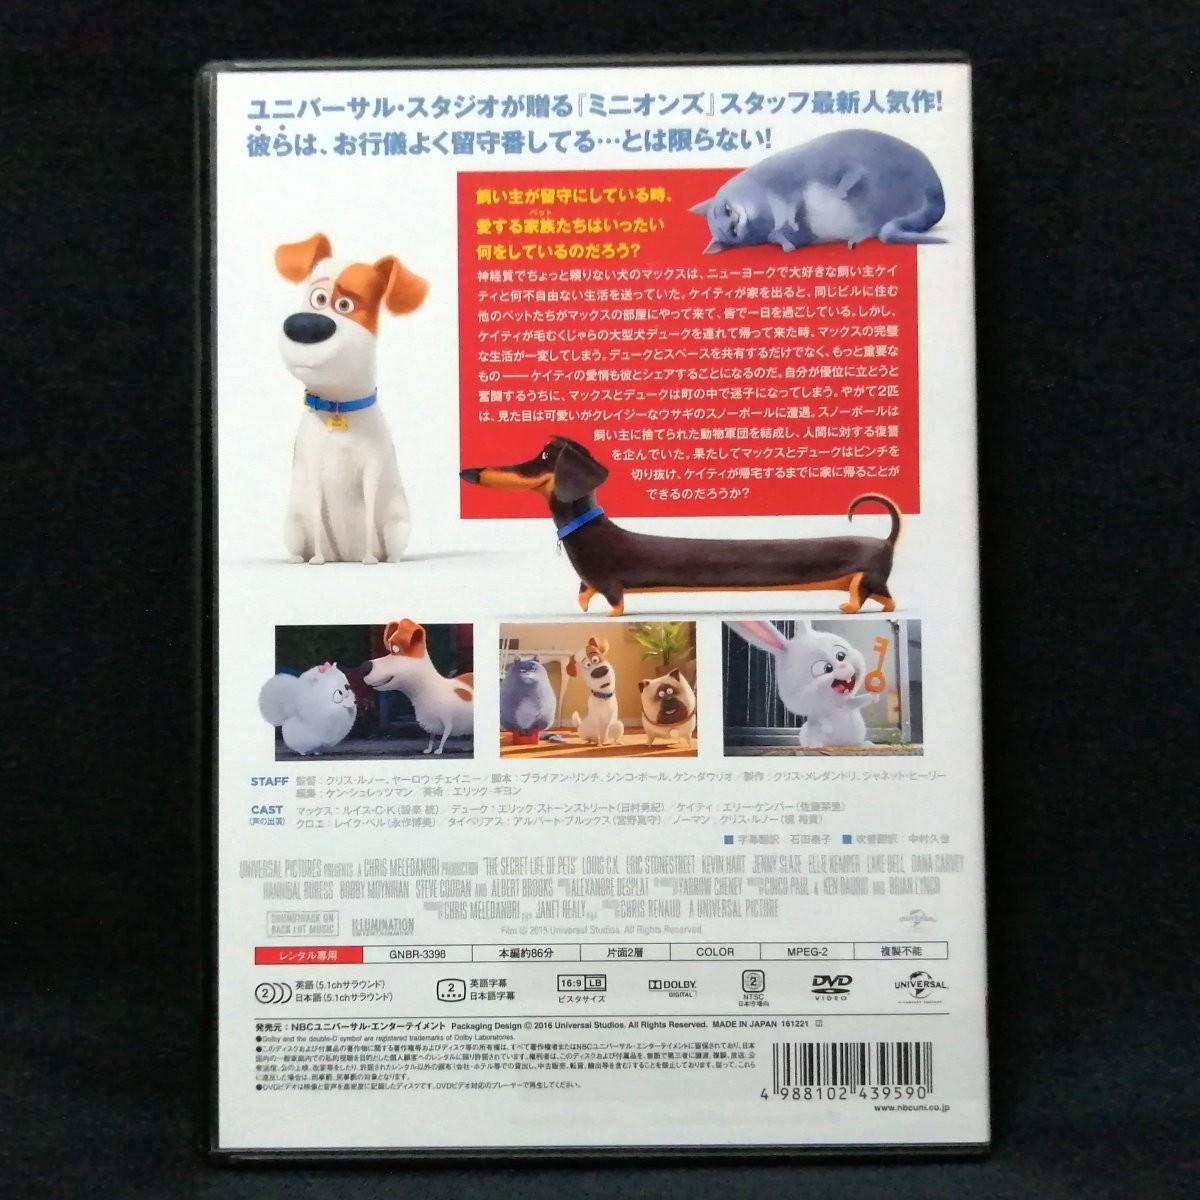 DVD 『ペット』 レンタル版